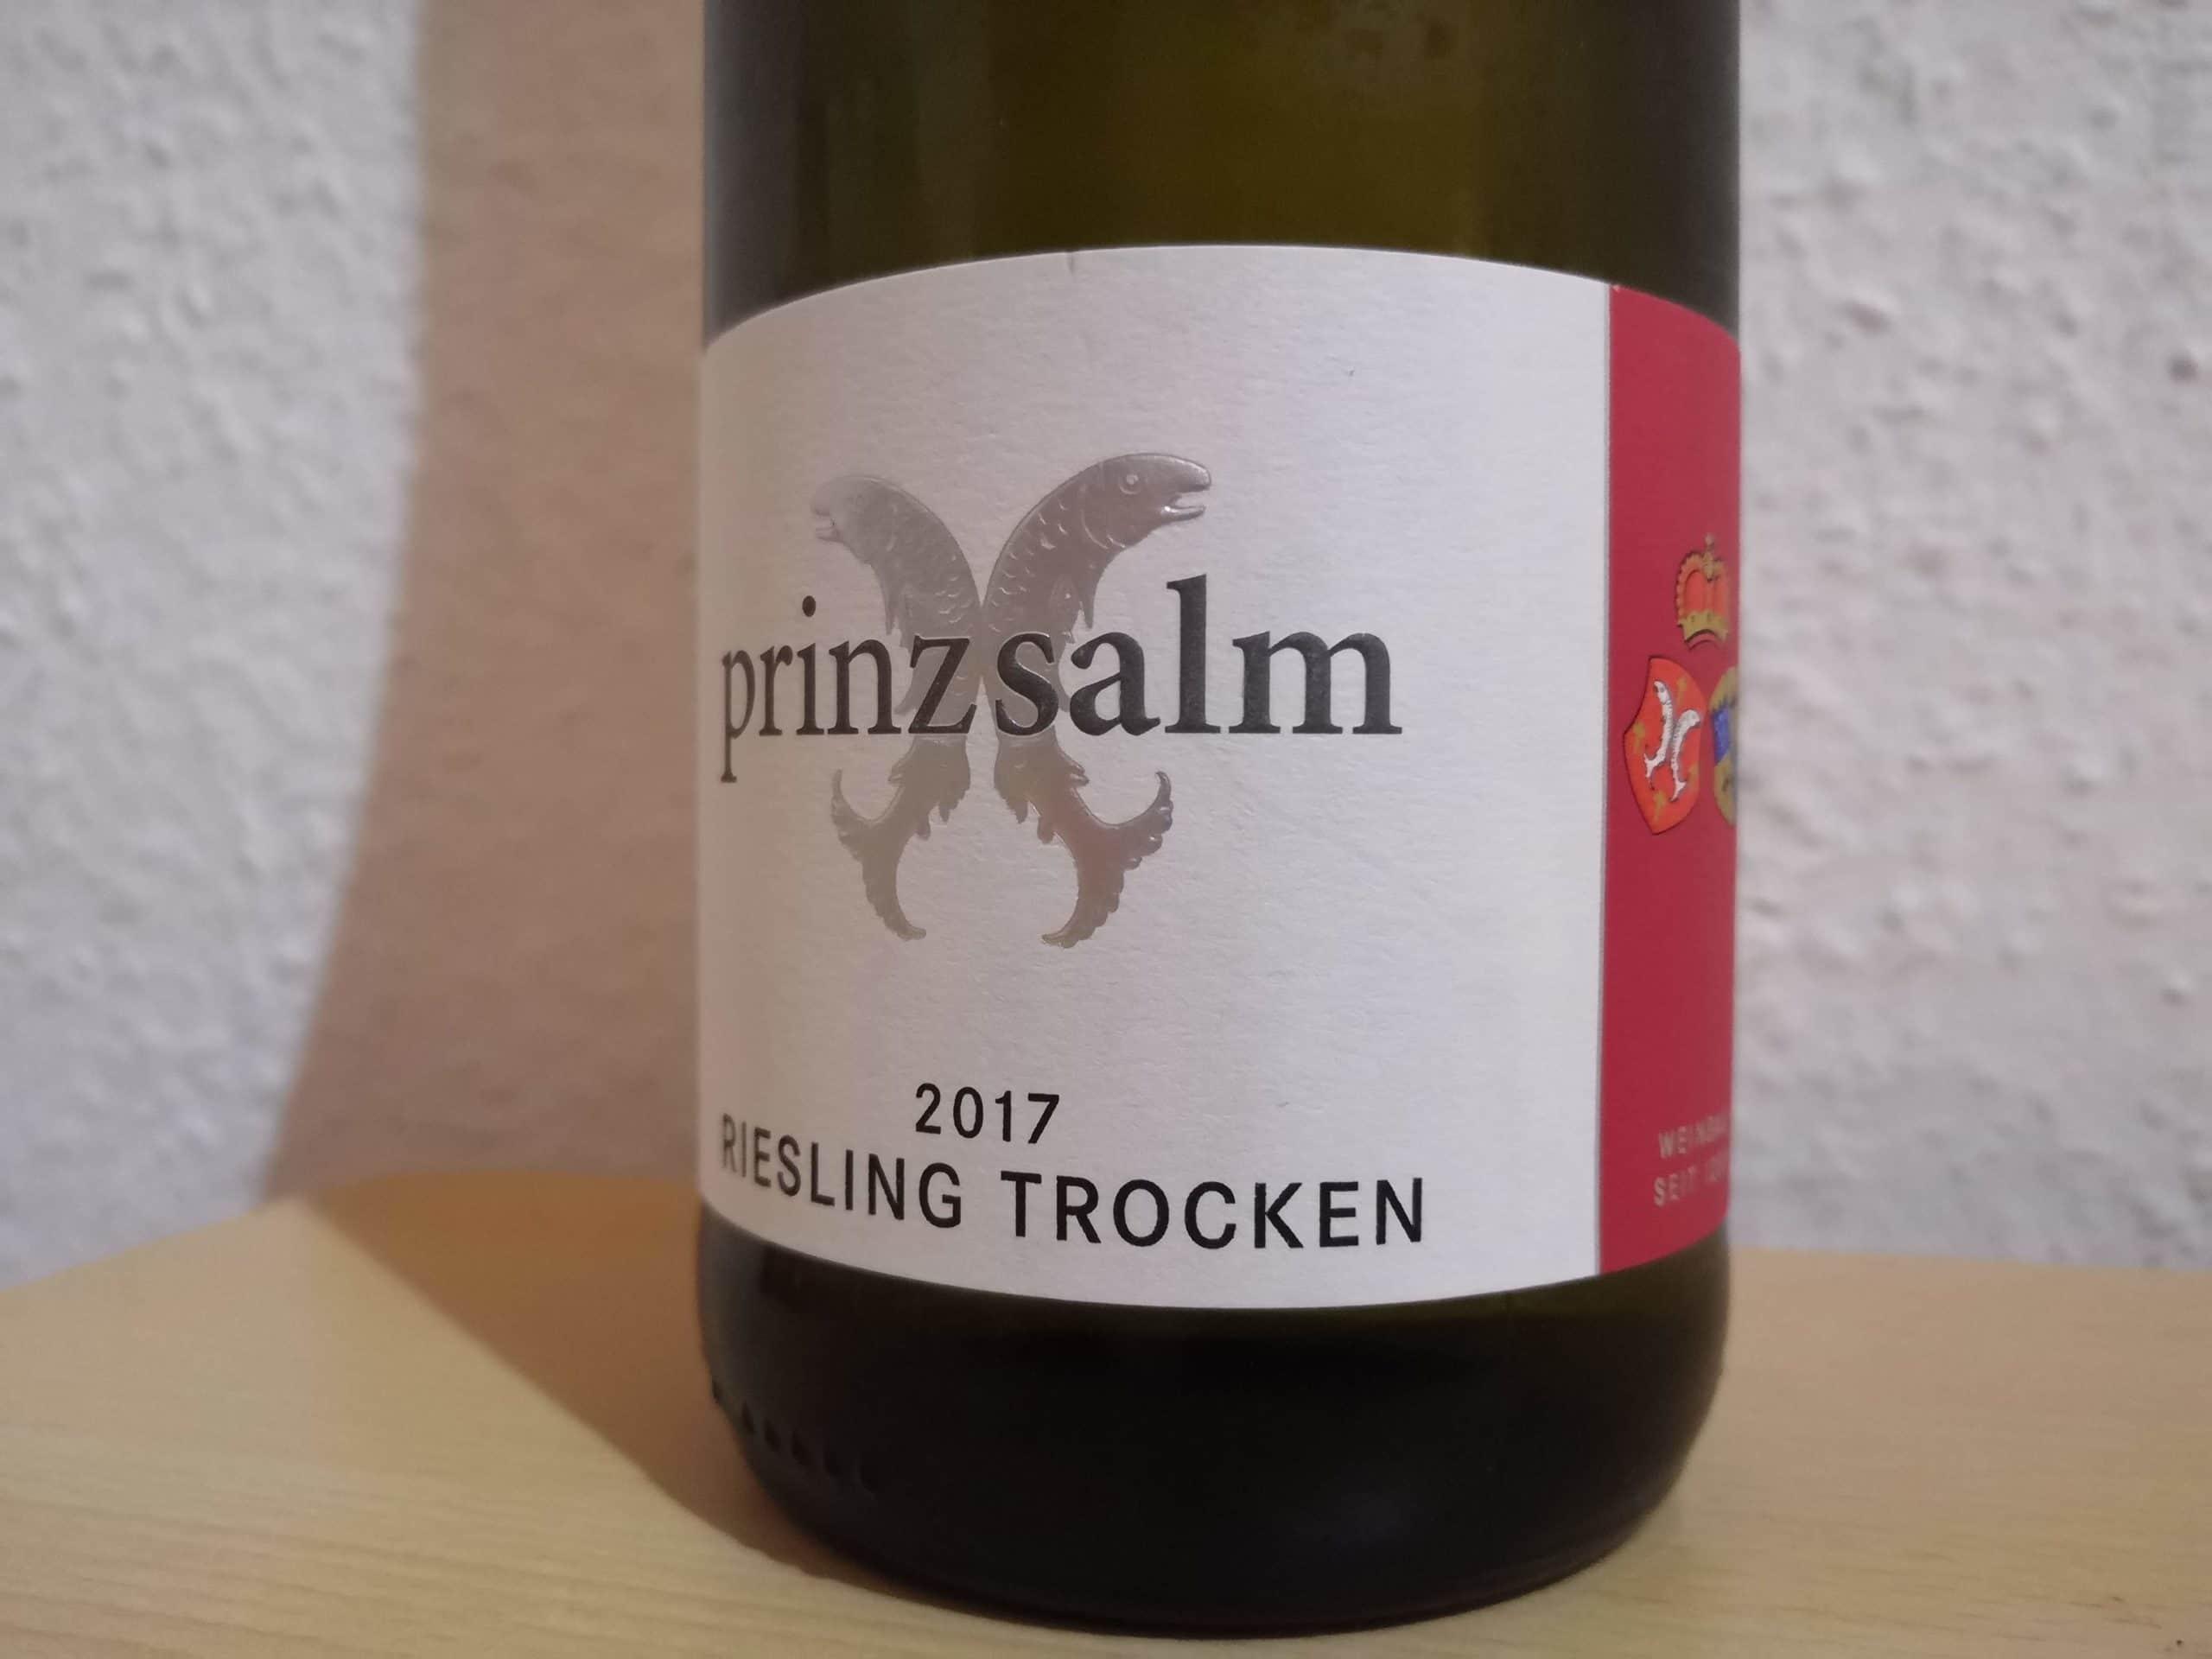 2017er Riesling trocken vom Weingut Prinz Salm